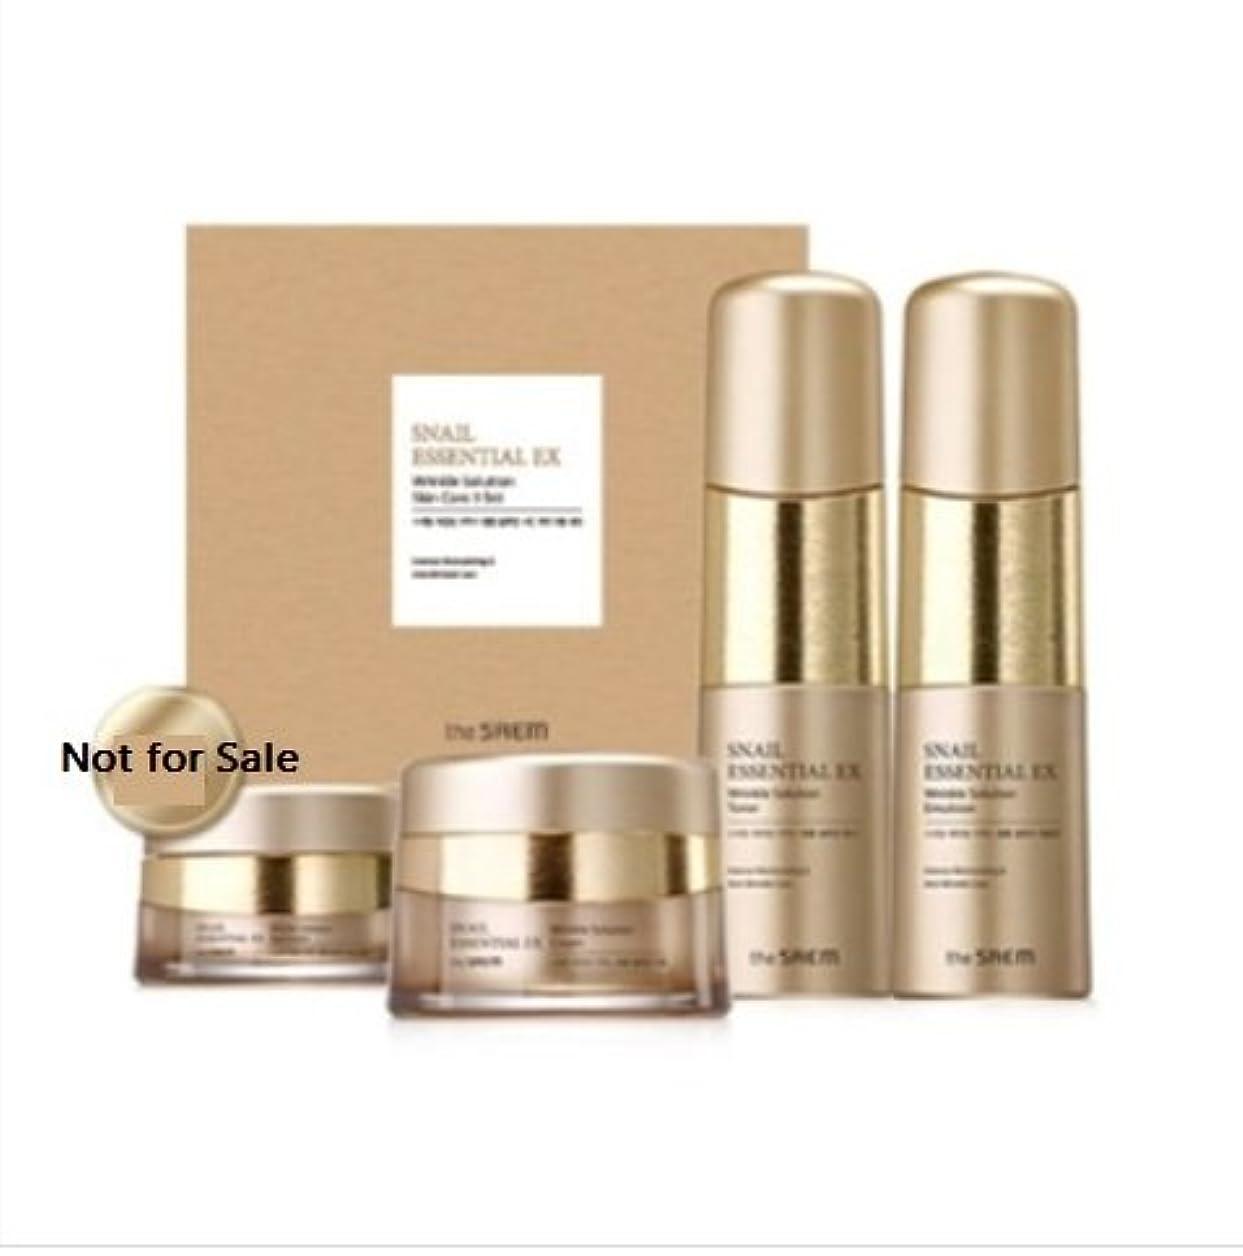 それら湾がっかりする[ザセム] The Saem [スネイル エッセンシャル EXリンクルソリューション スキンケア 3種セット] (Snail Essential EX-Wrinkle Solution Skin Care 3Set) [...